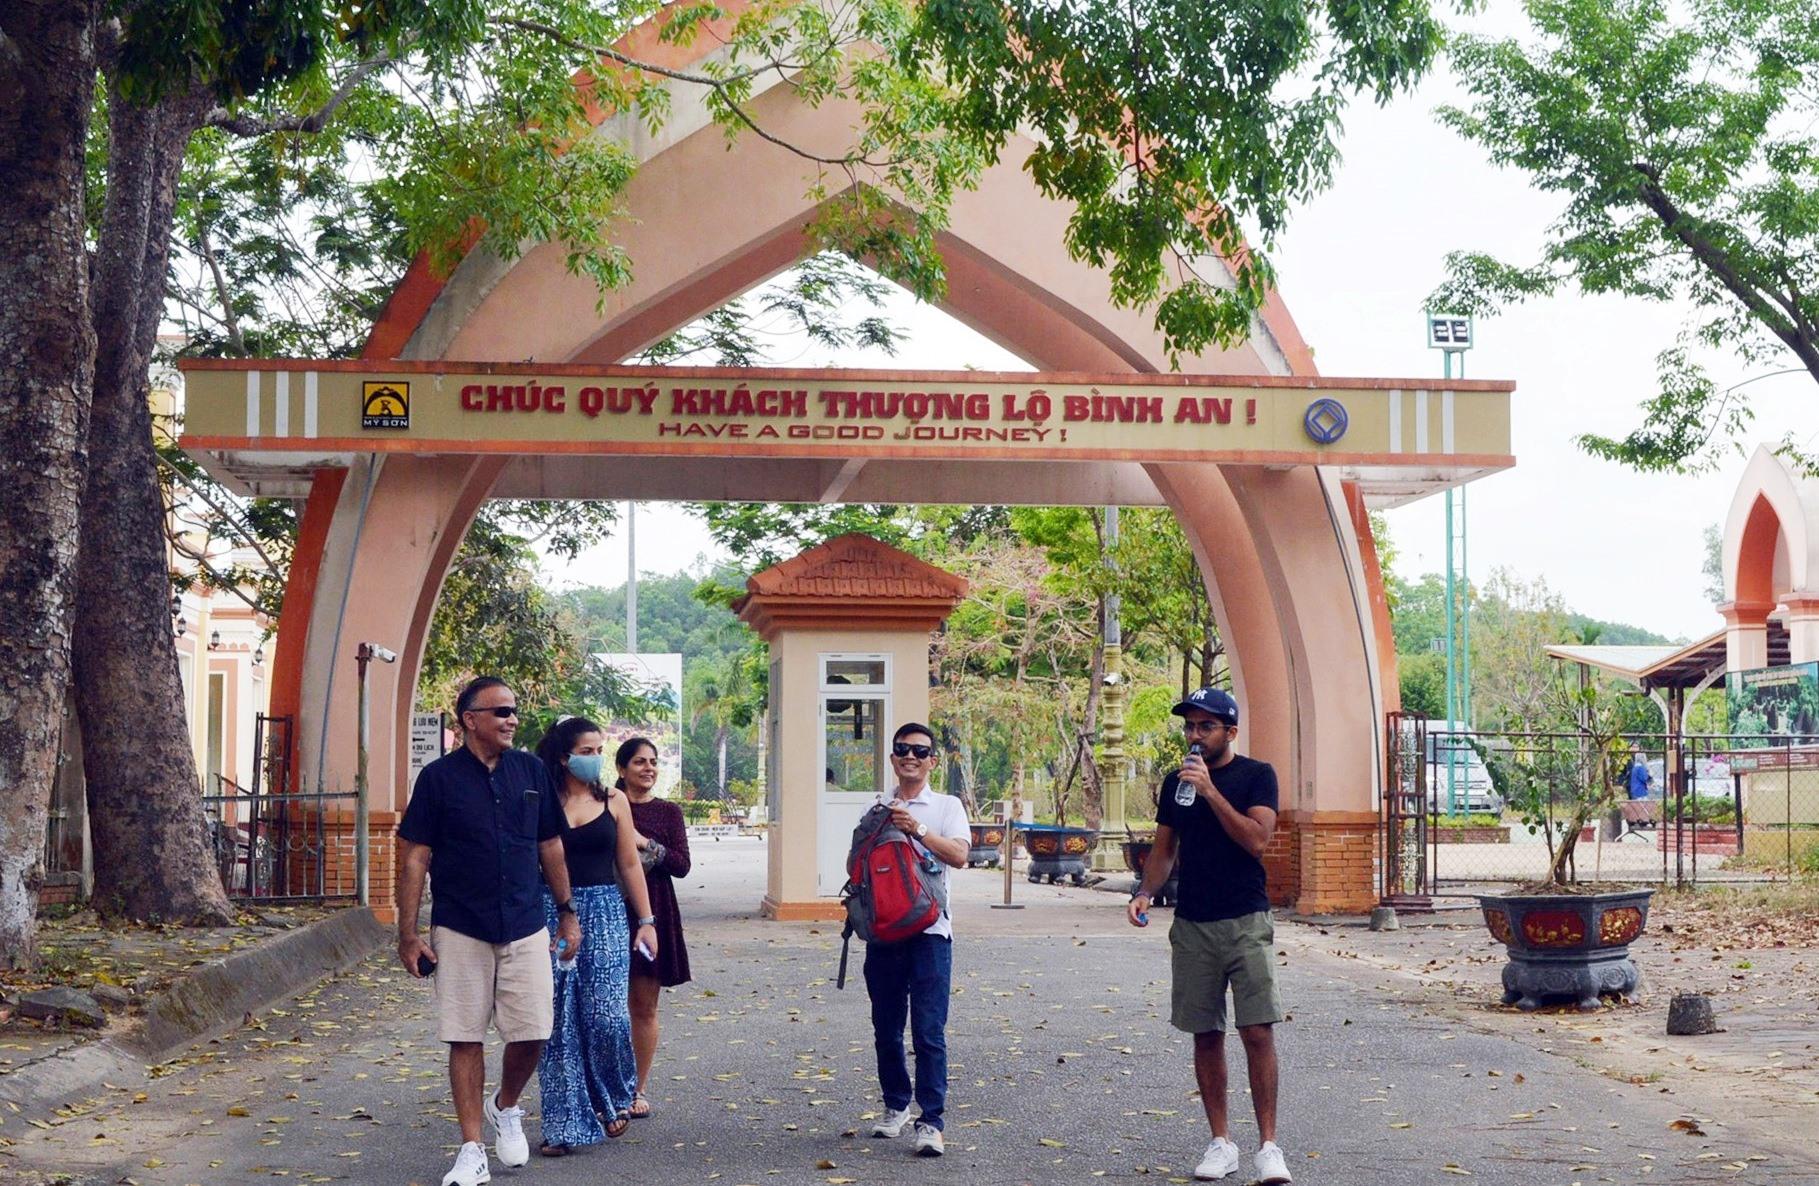 Quảng Nam dự kiến tháng 7 đón lại khách quốc tế